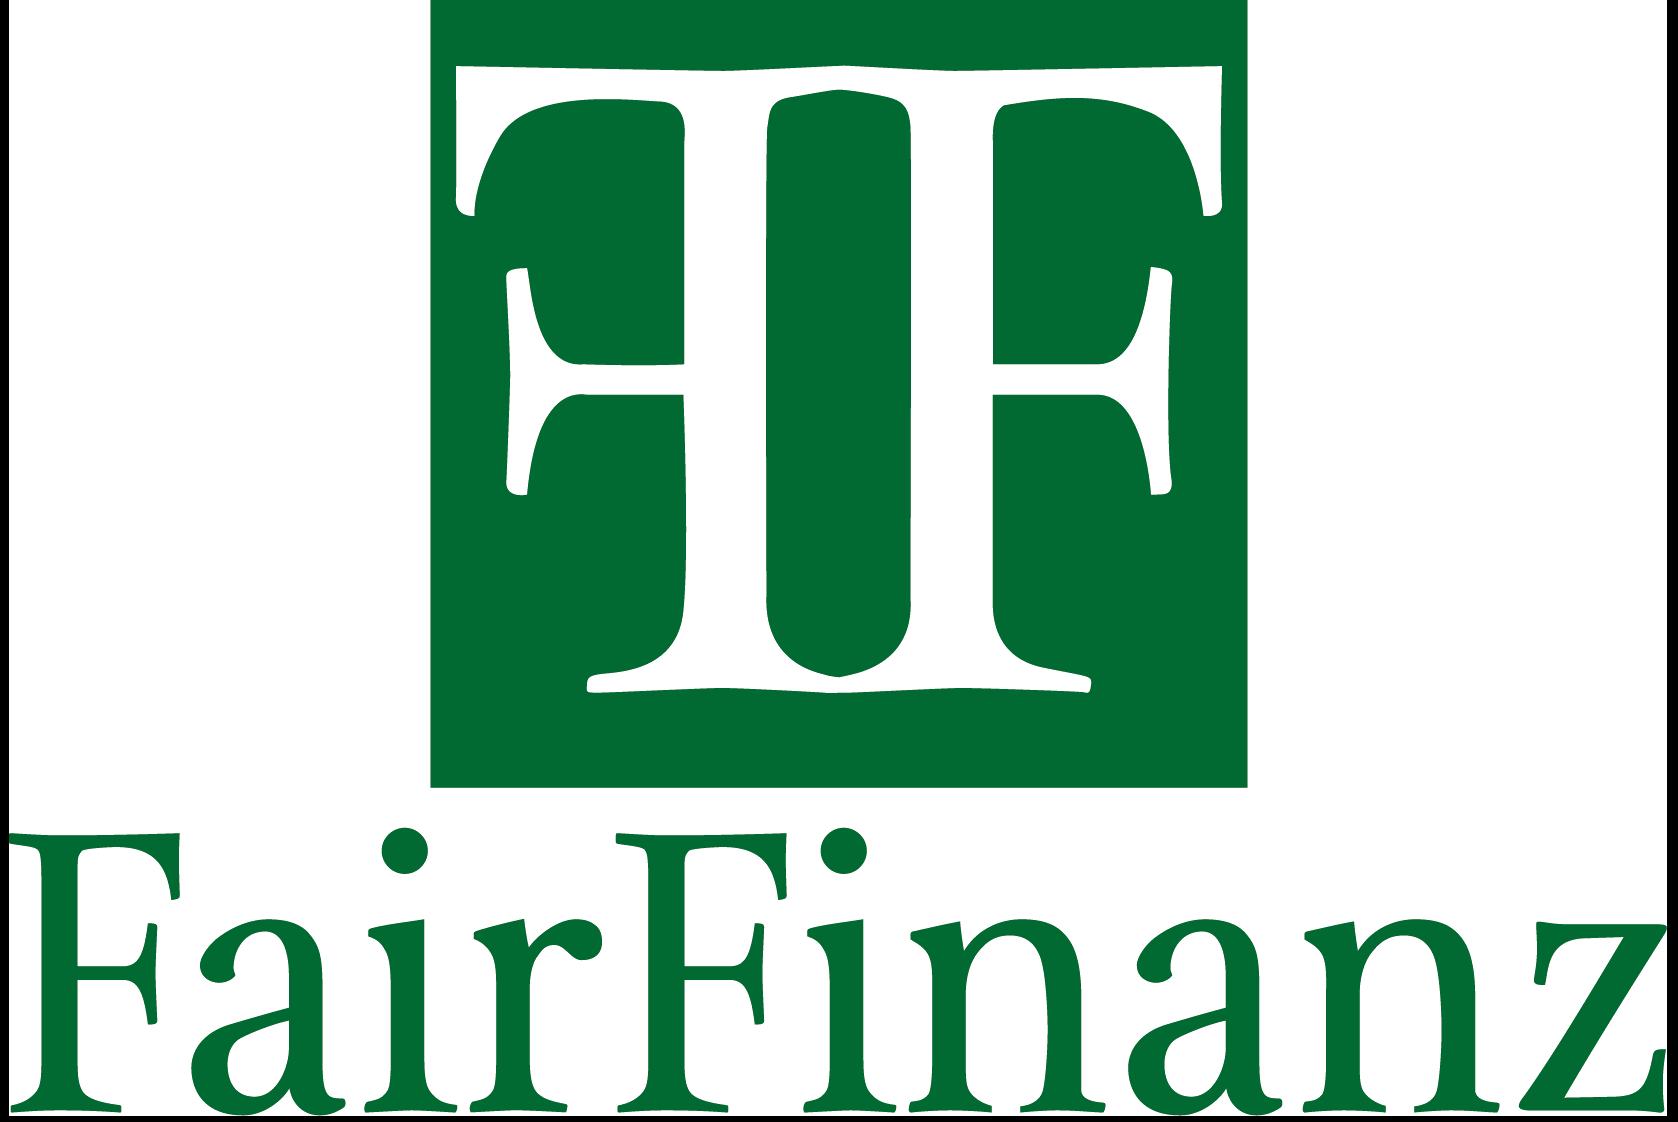 Ihre Finanzspezialisten | FairFinanz GmbH